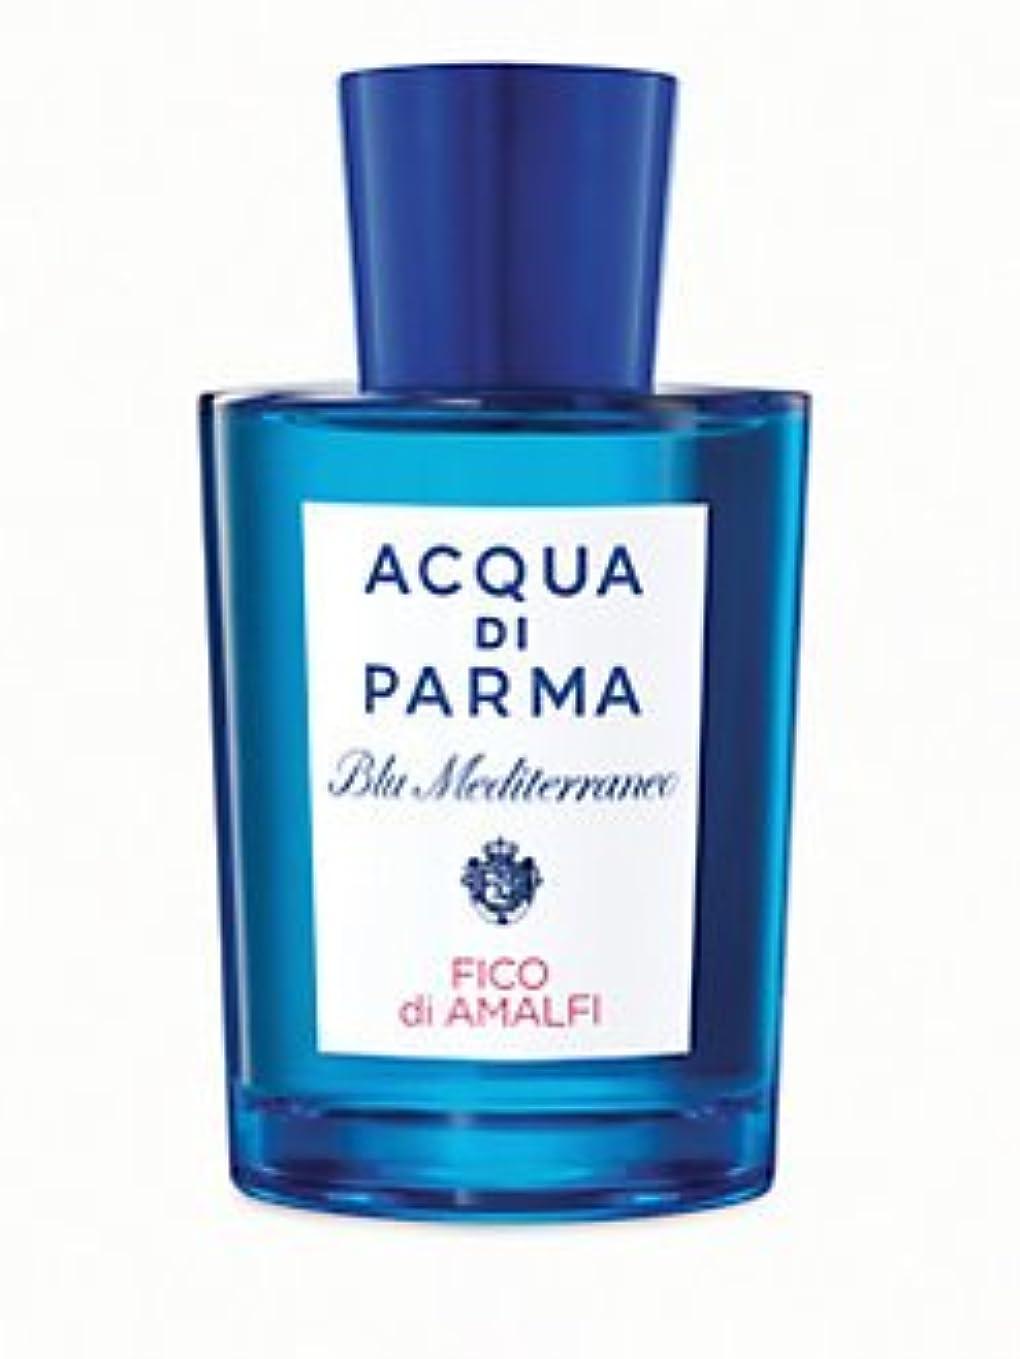 転送ワーディアンケースオペラBlu Mediterraneo Fico di Amalfi (ブルー メディタレーネオ フィコ ディ アマルフィ) 6.9 oz (200ml) Vitalizing Body Cream by Acqua di Parma